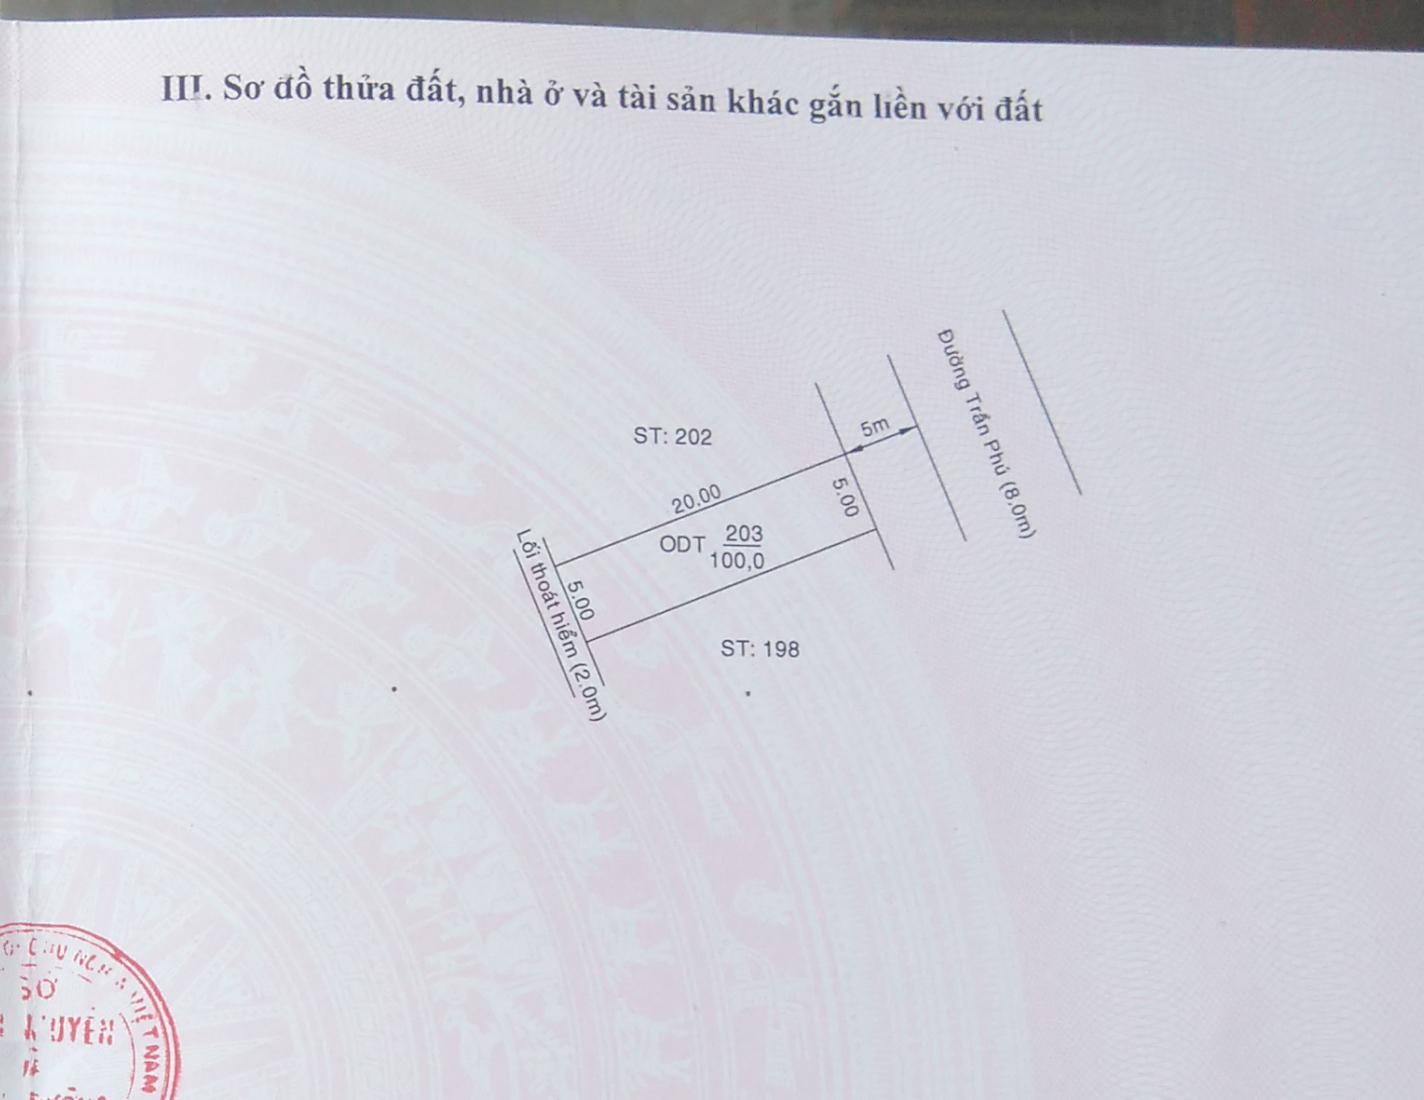 khu dat 10x22m nha co hien 4 Vì sao mẫu biệt thự 2 tầng hiện đại mái lệch có gara + 4 phòng ngủ tiện nghi hợp ý 4 thành viên nhà cô Hiền